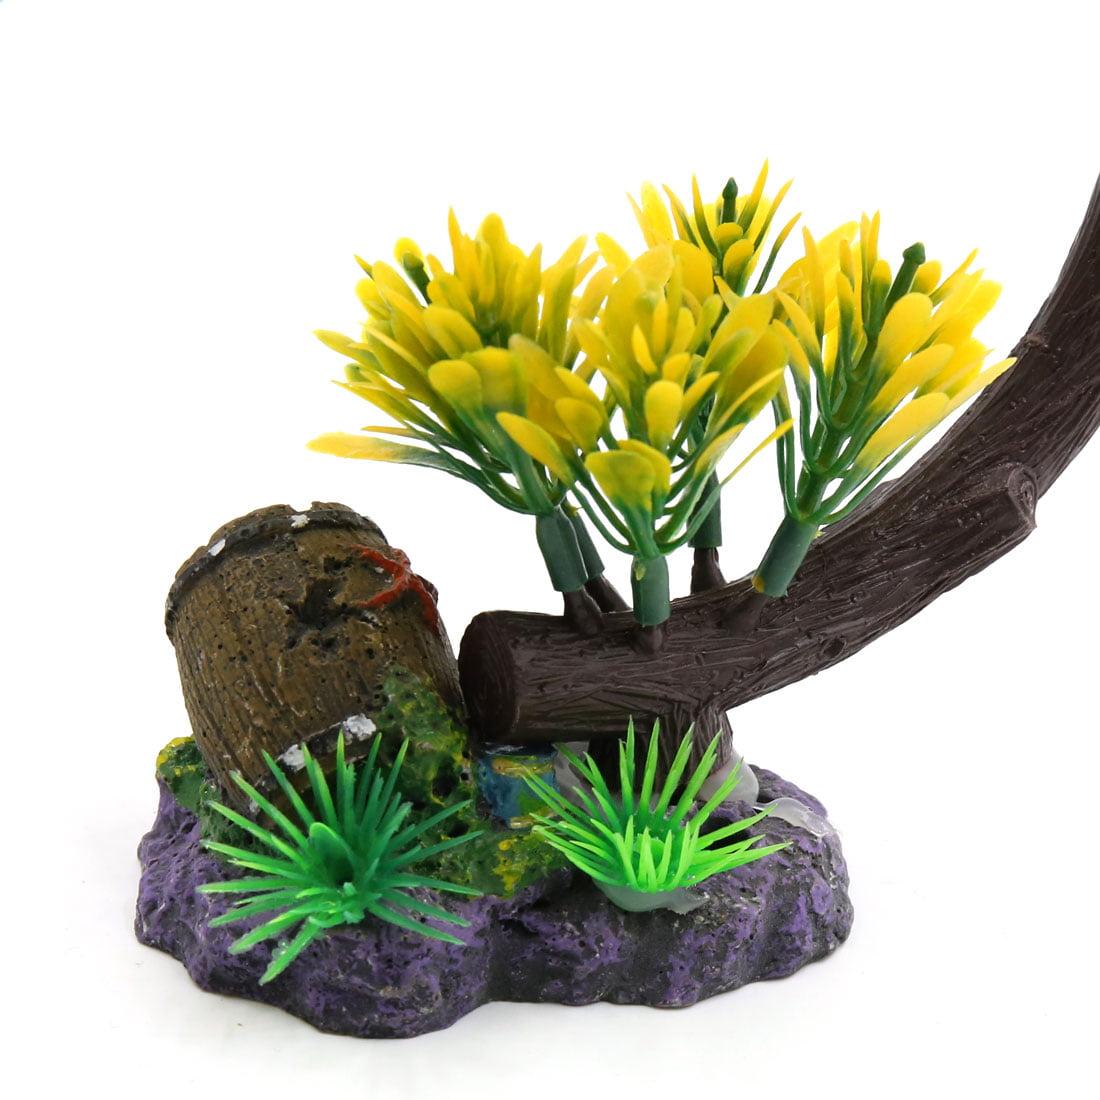 Yellow Plastic Tree Plant Decoration Aquarium Waterscape Ornament Home Decor - image 1 de 3